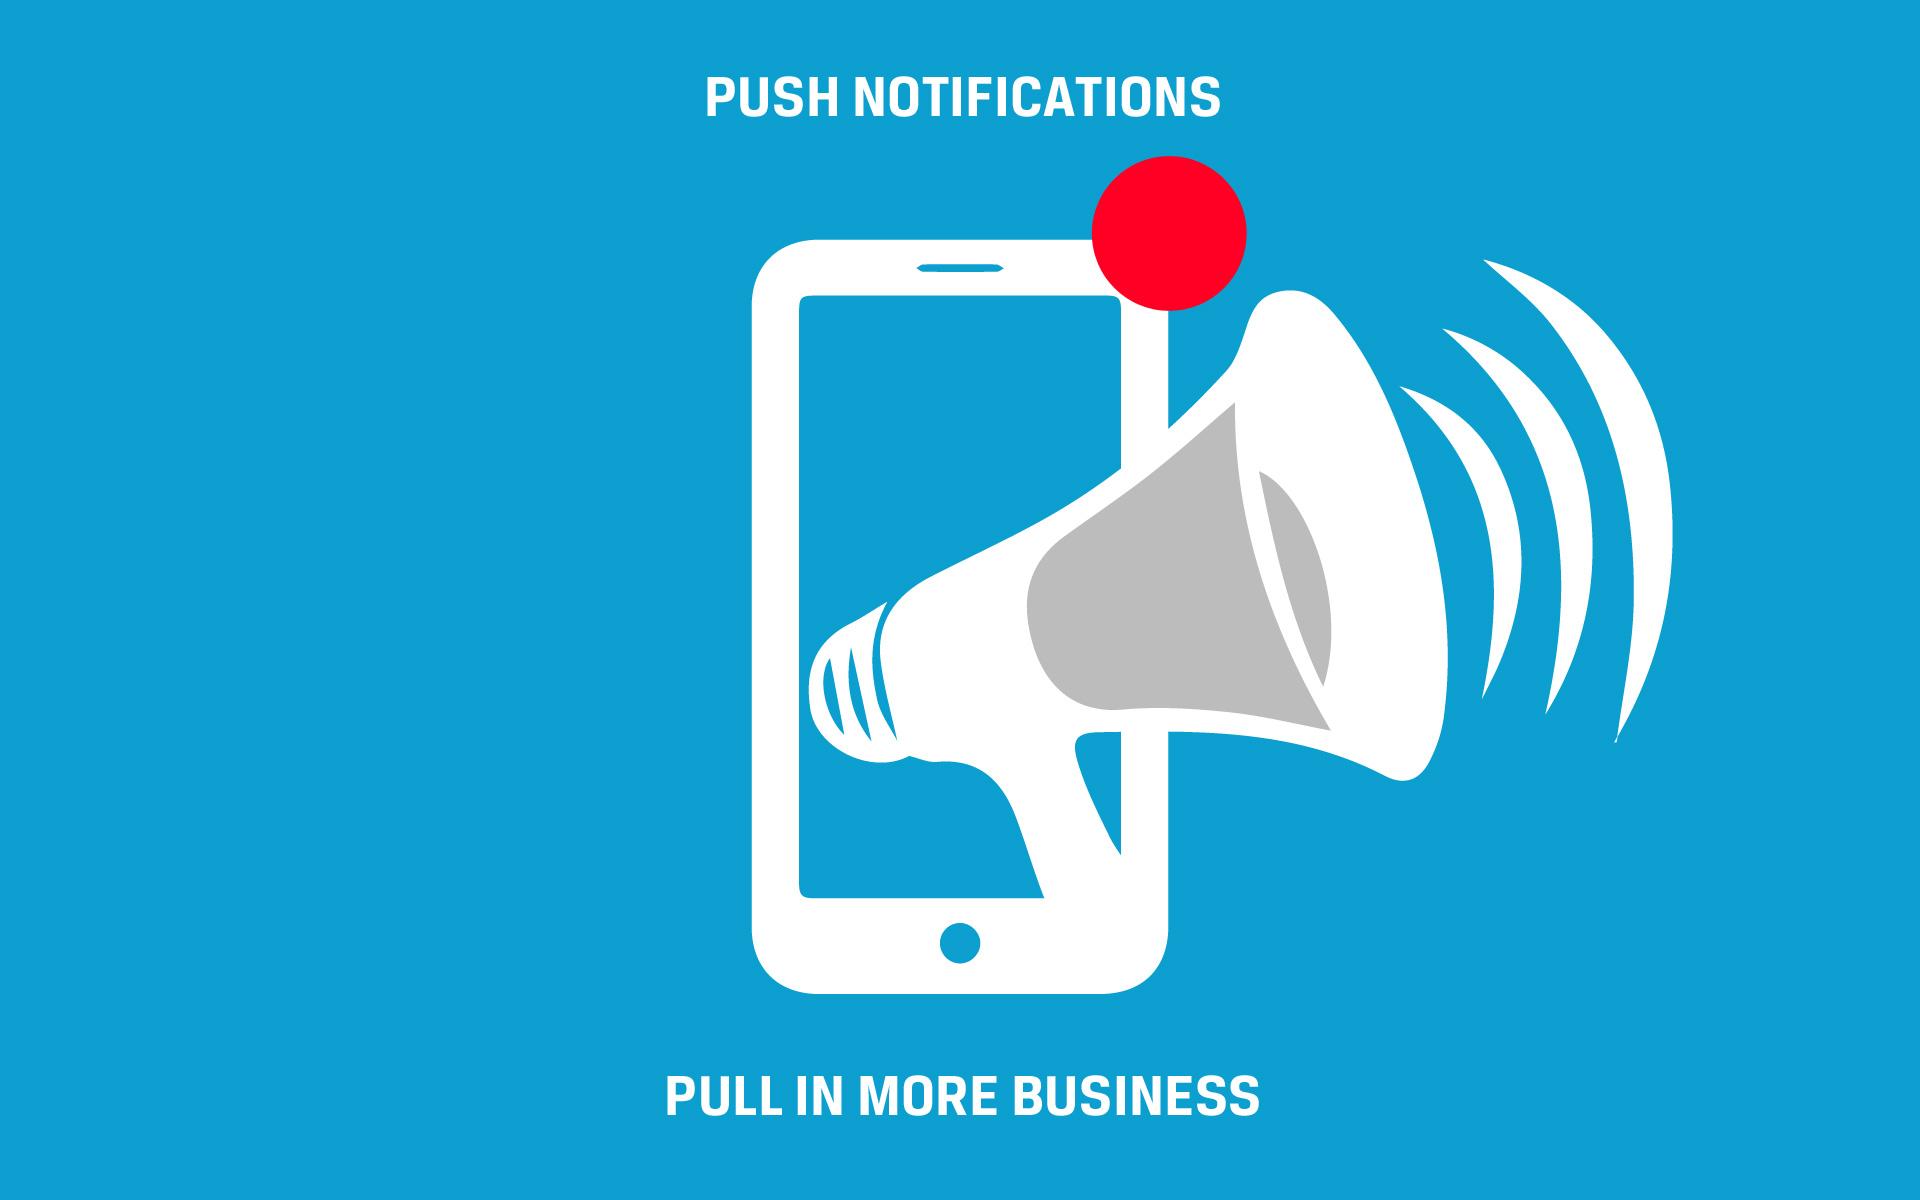 mobiluygulamada bildirim gönderme yöntemleri